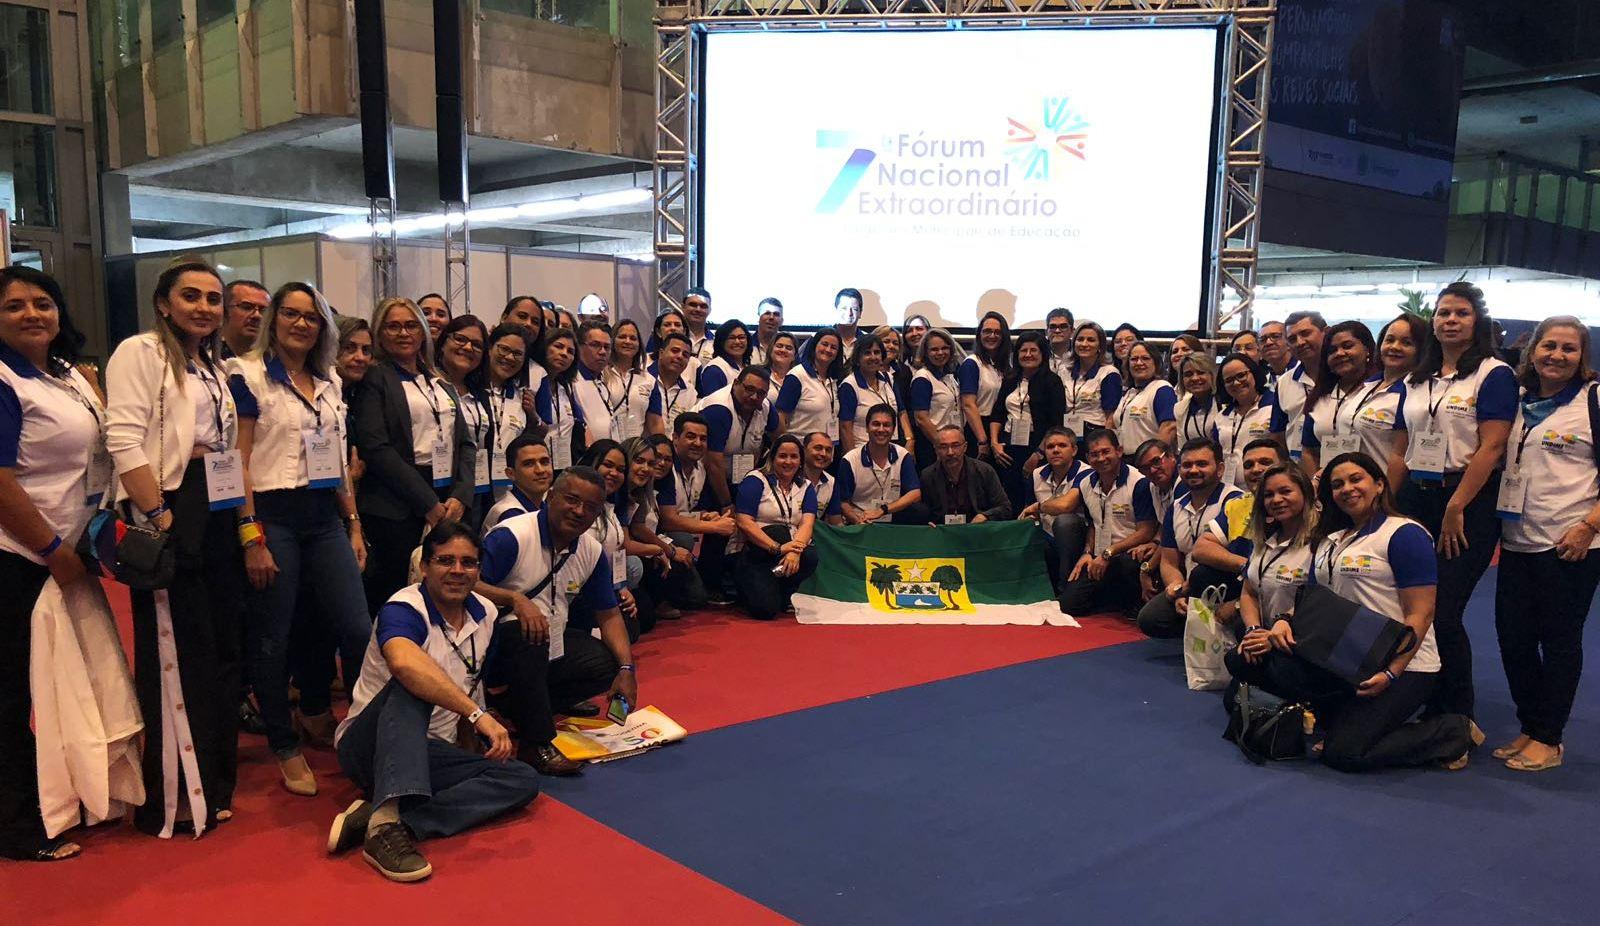 Dirigentes do RN participam até sexta do 7º Fórum Extraordinário Nacional